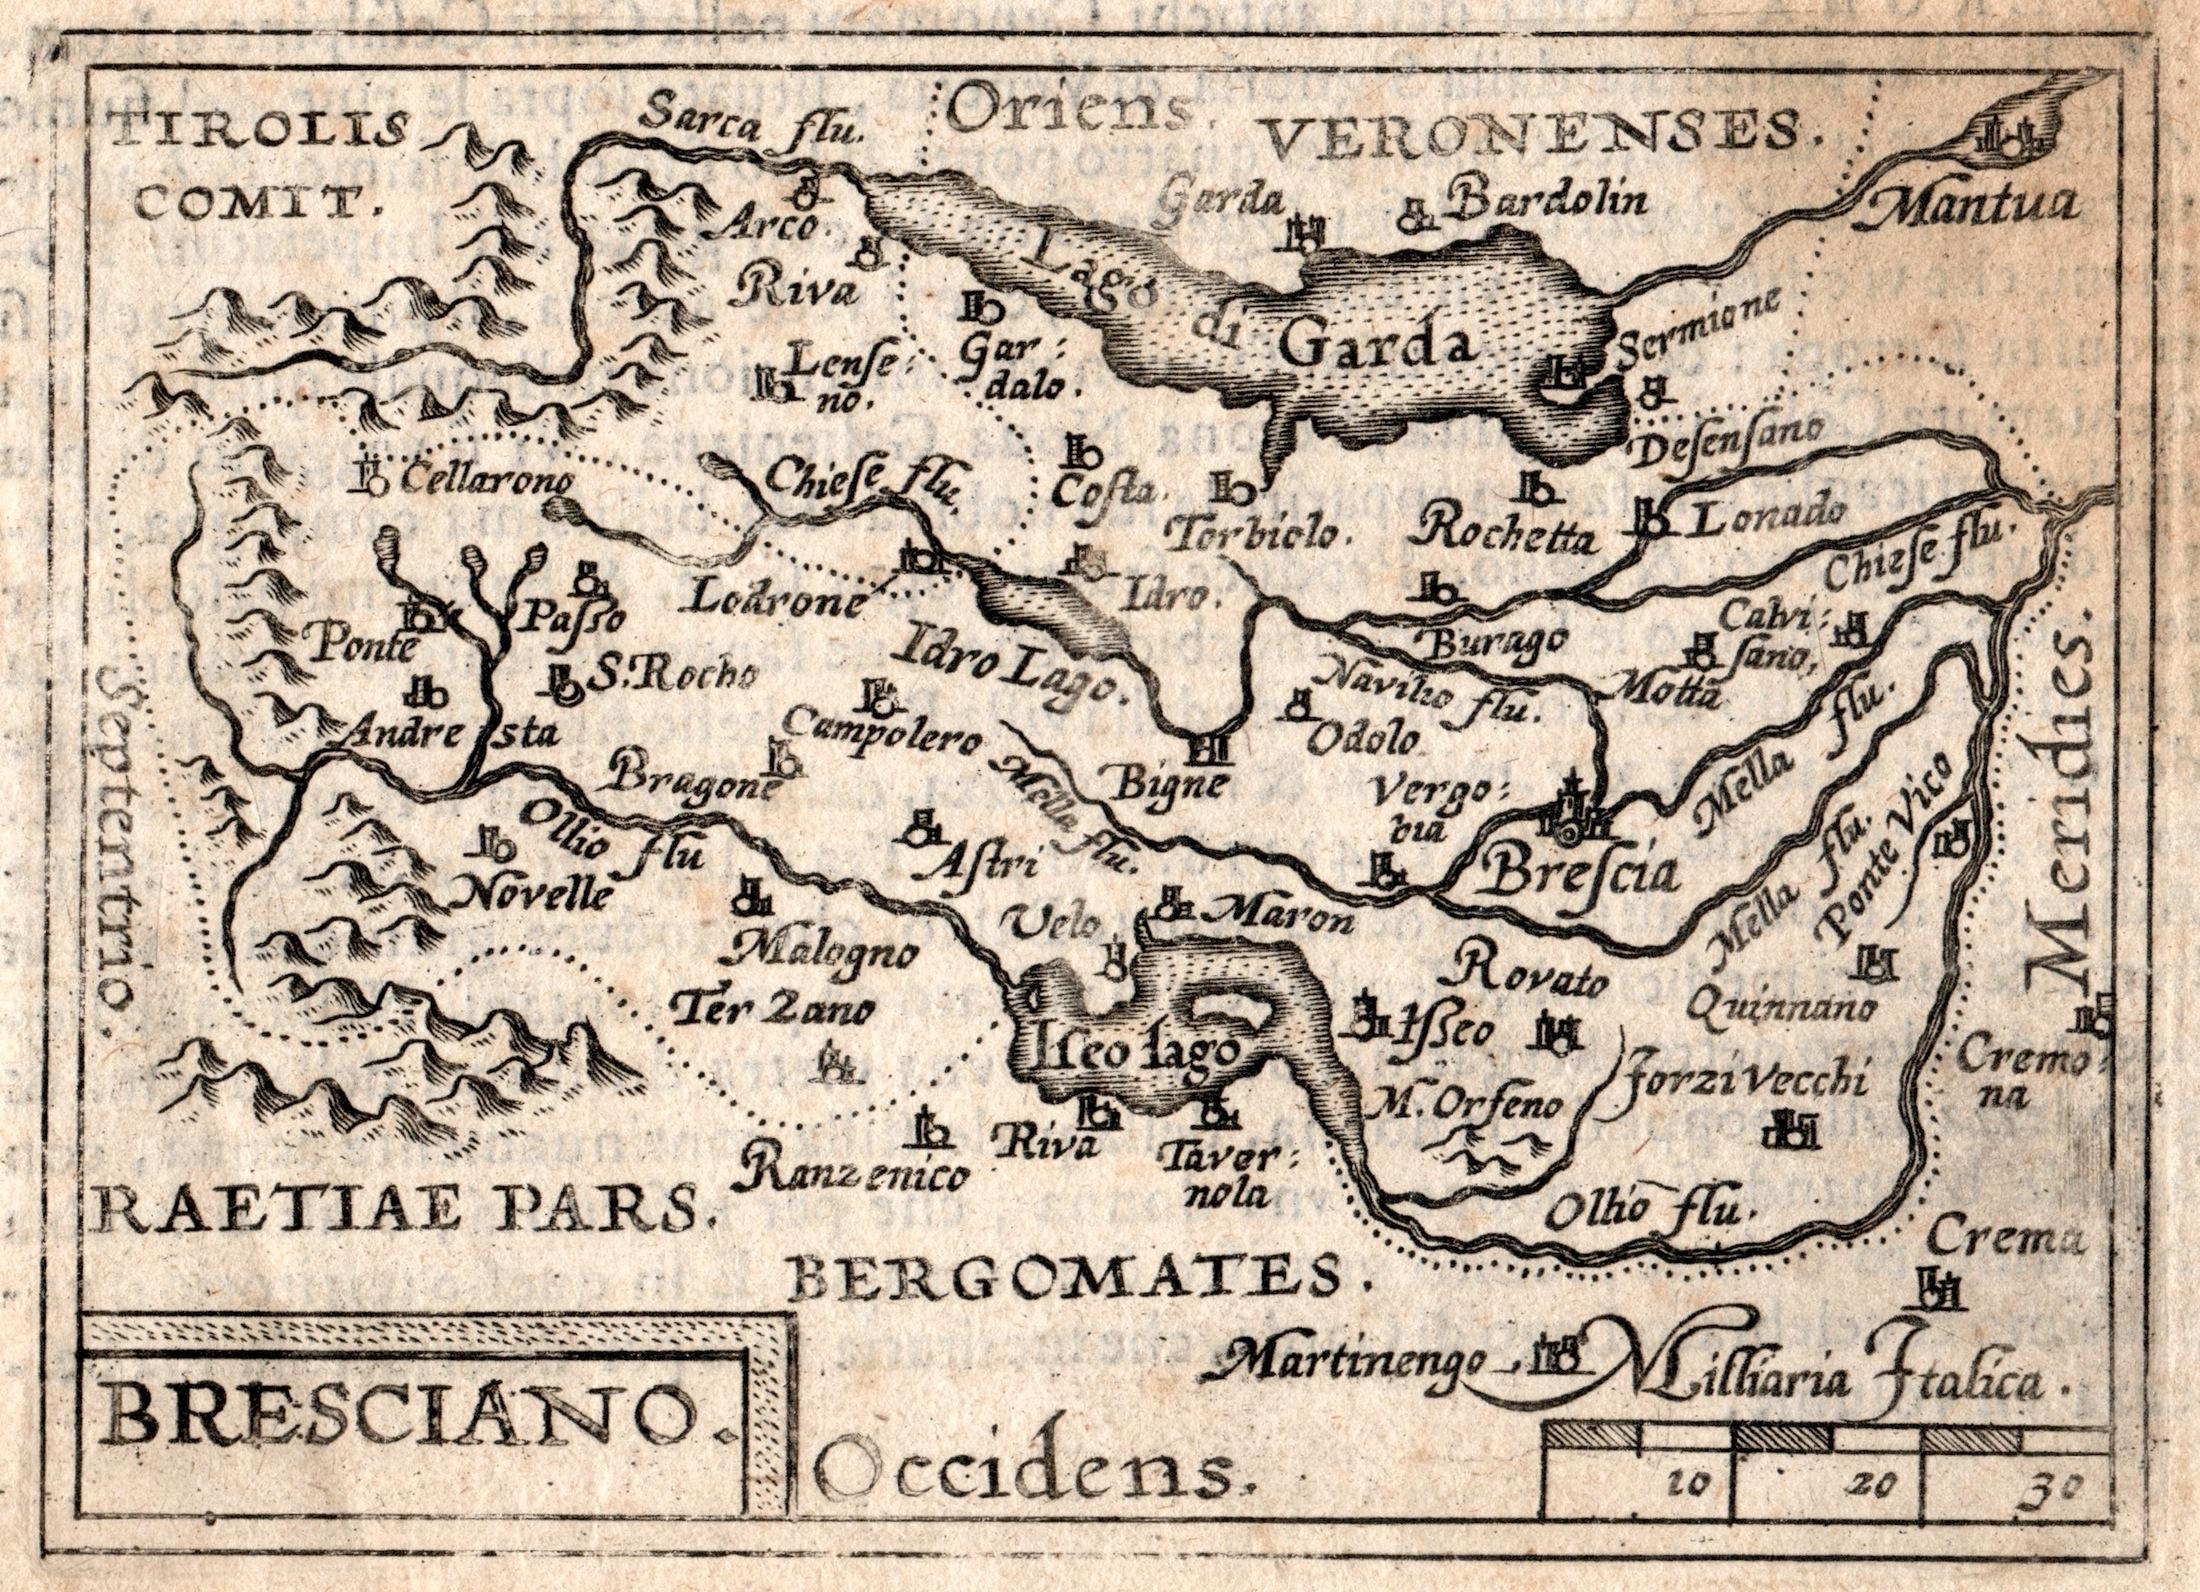 1595-ortellino-bs